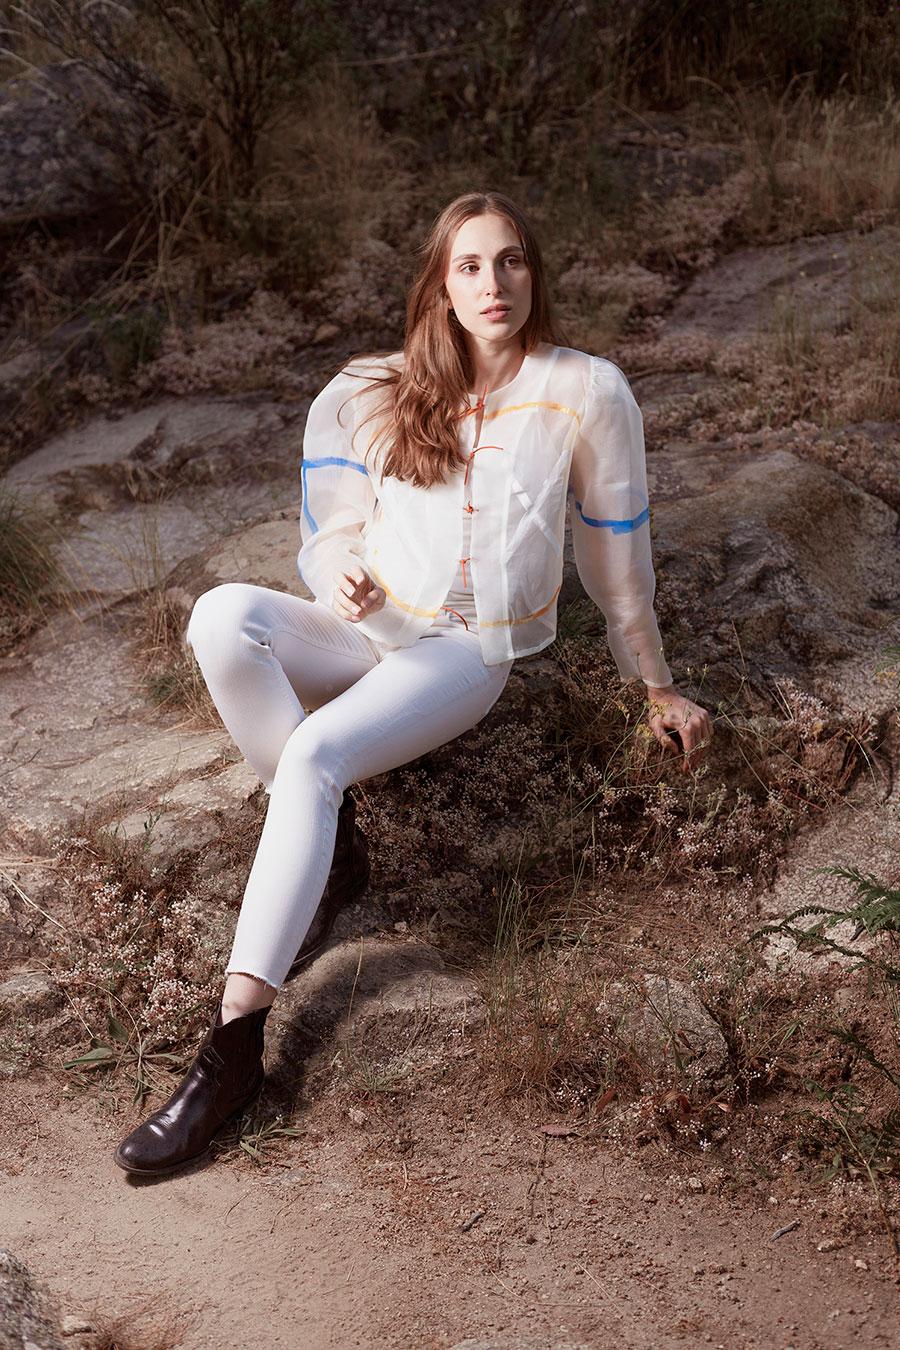 Chaqueta de verano blanca pintada a mano